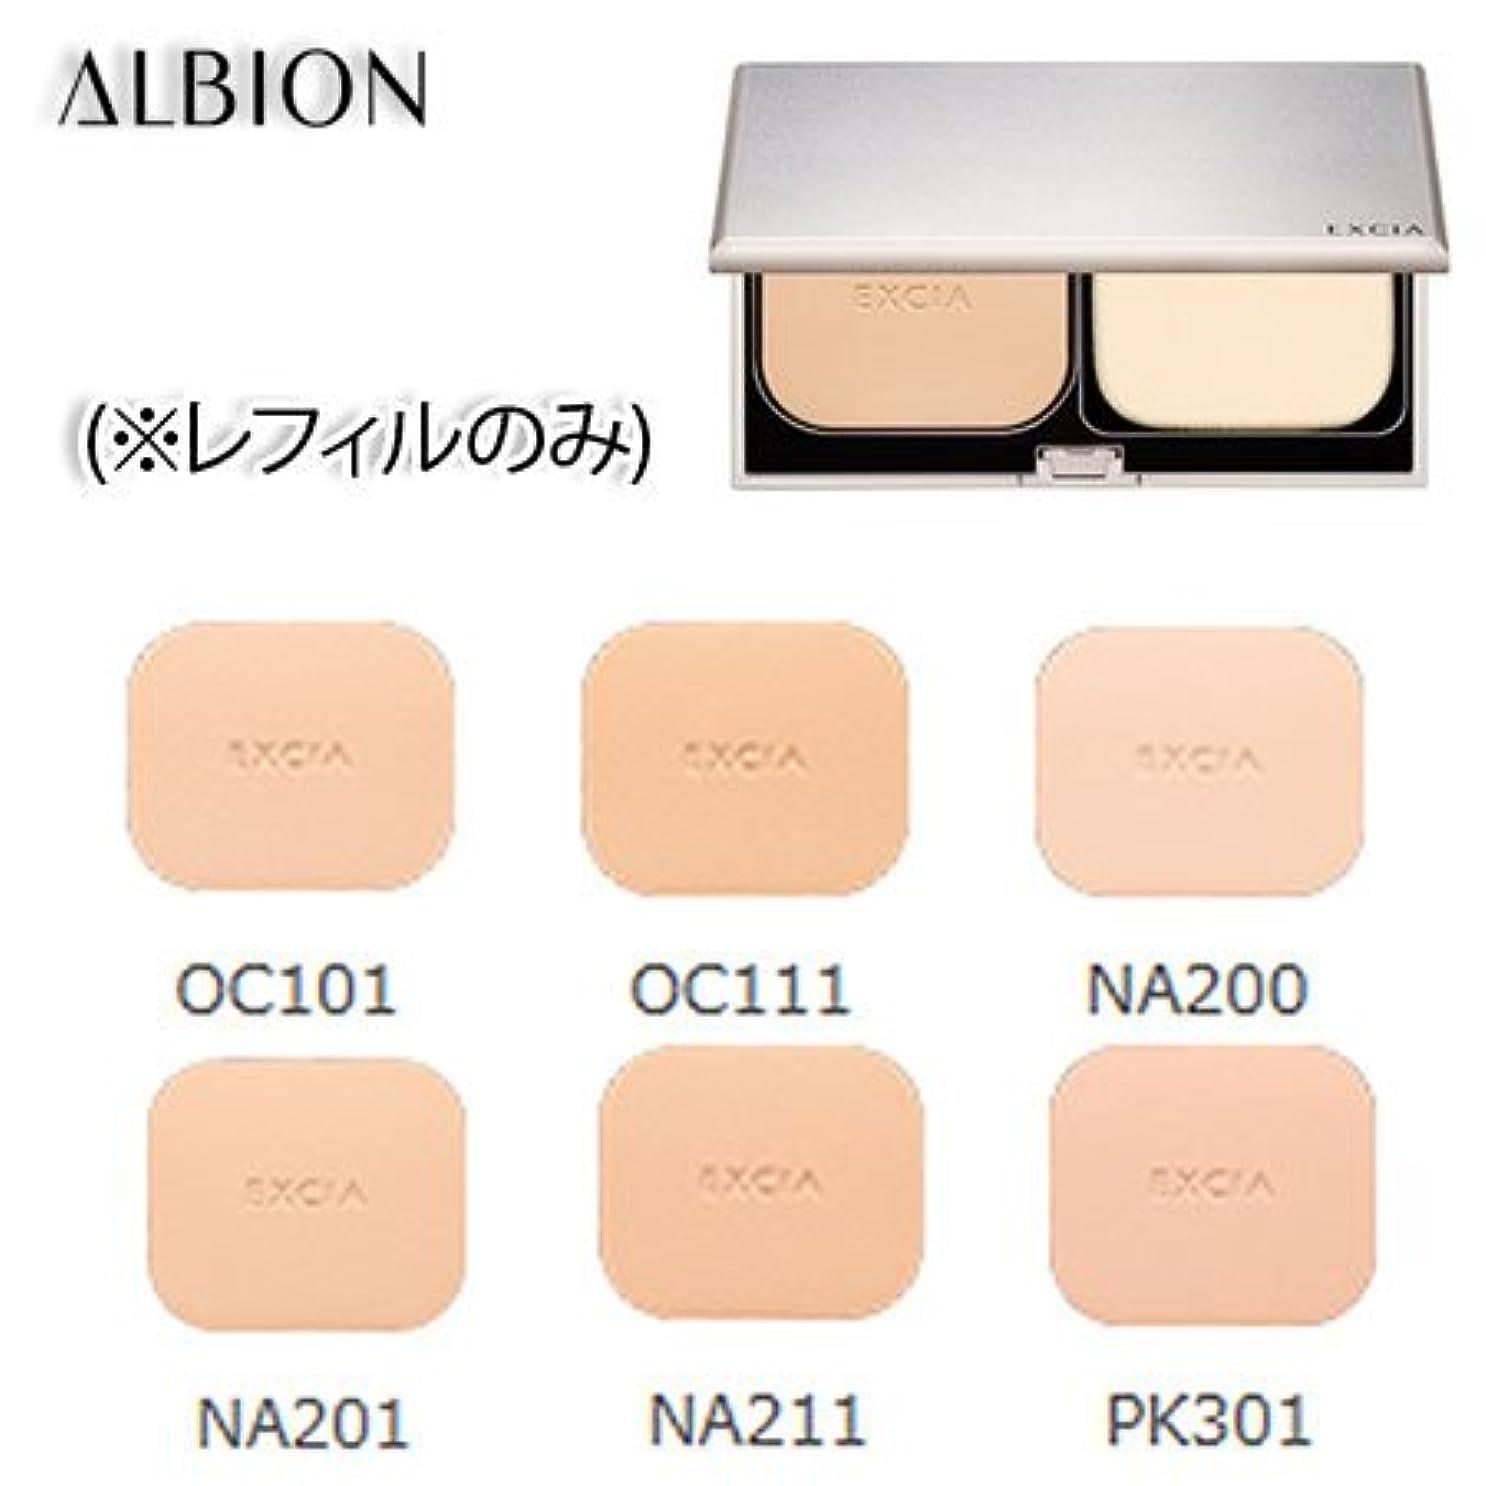 負担ベギンリファインアルビオン エクシア AL ホワイトプレミアムパウダー ファンデーション SPF30 PA+++ 11g 6色 (レフィルのみ) -ALBION- NA201